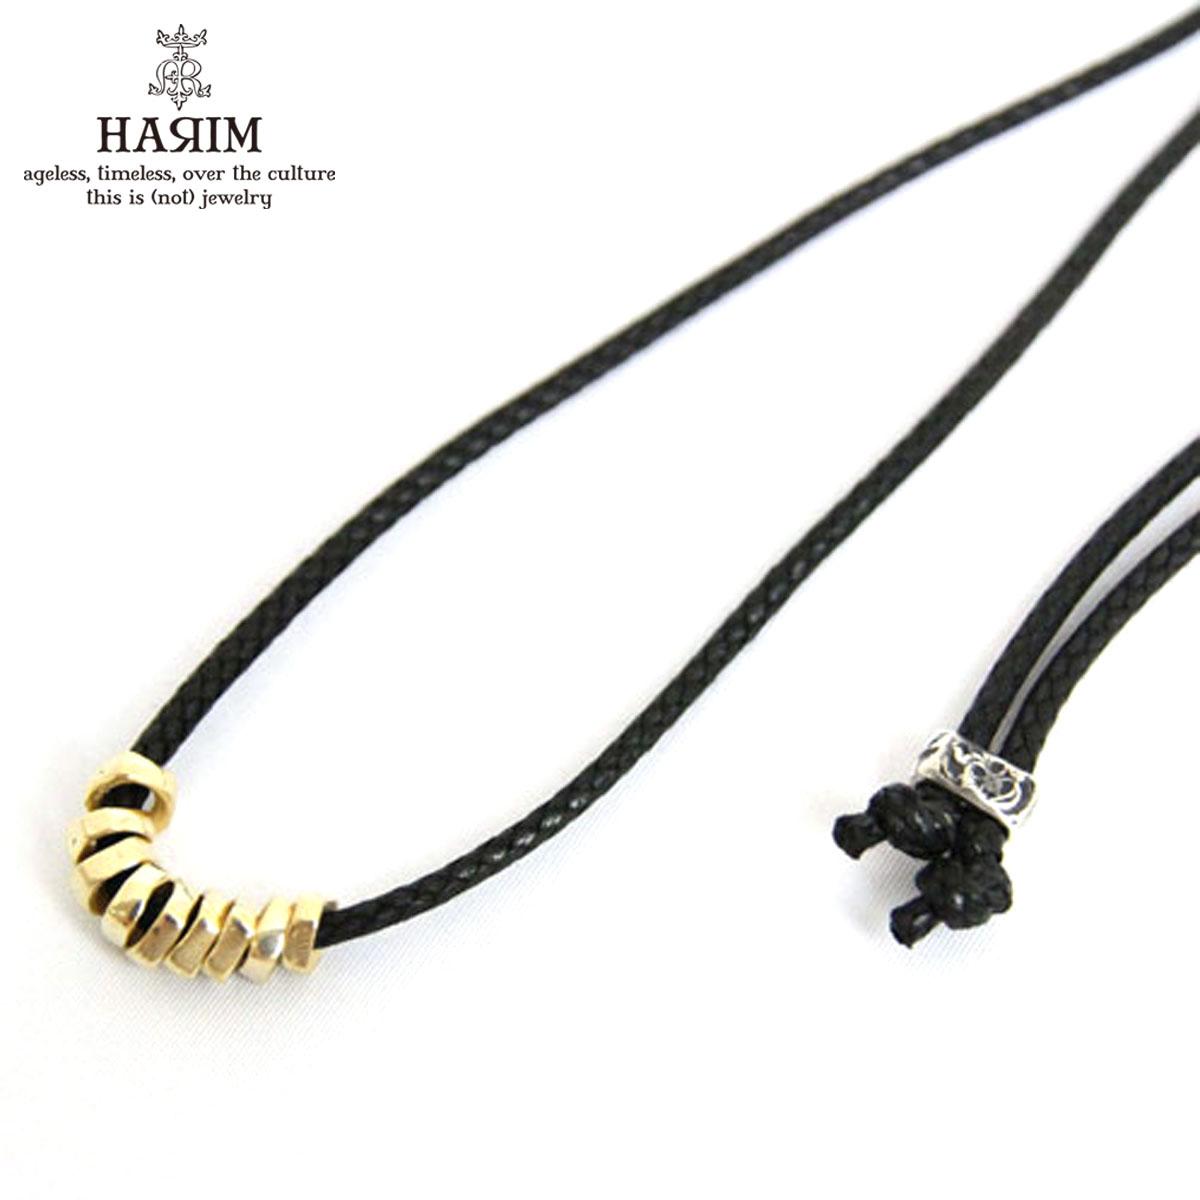 ハリム HARIM 正規販売店 ネックレス HARIM ROCK BEADS NECK K18COATING NECKLACE HRP103G